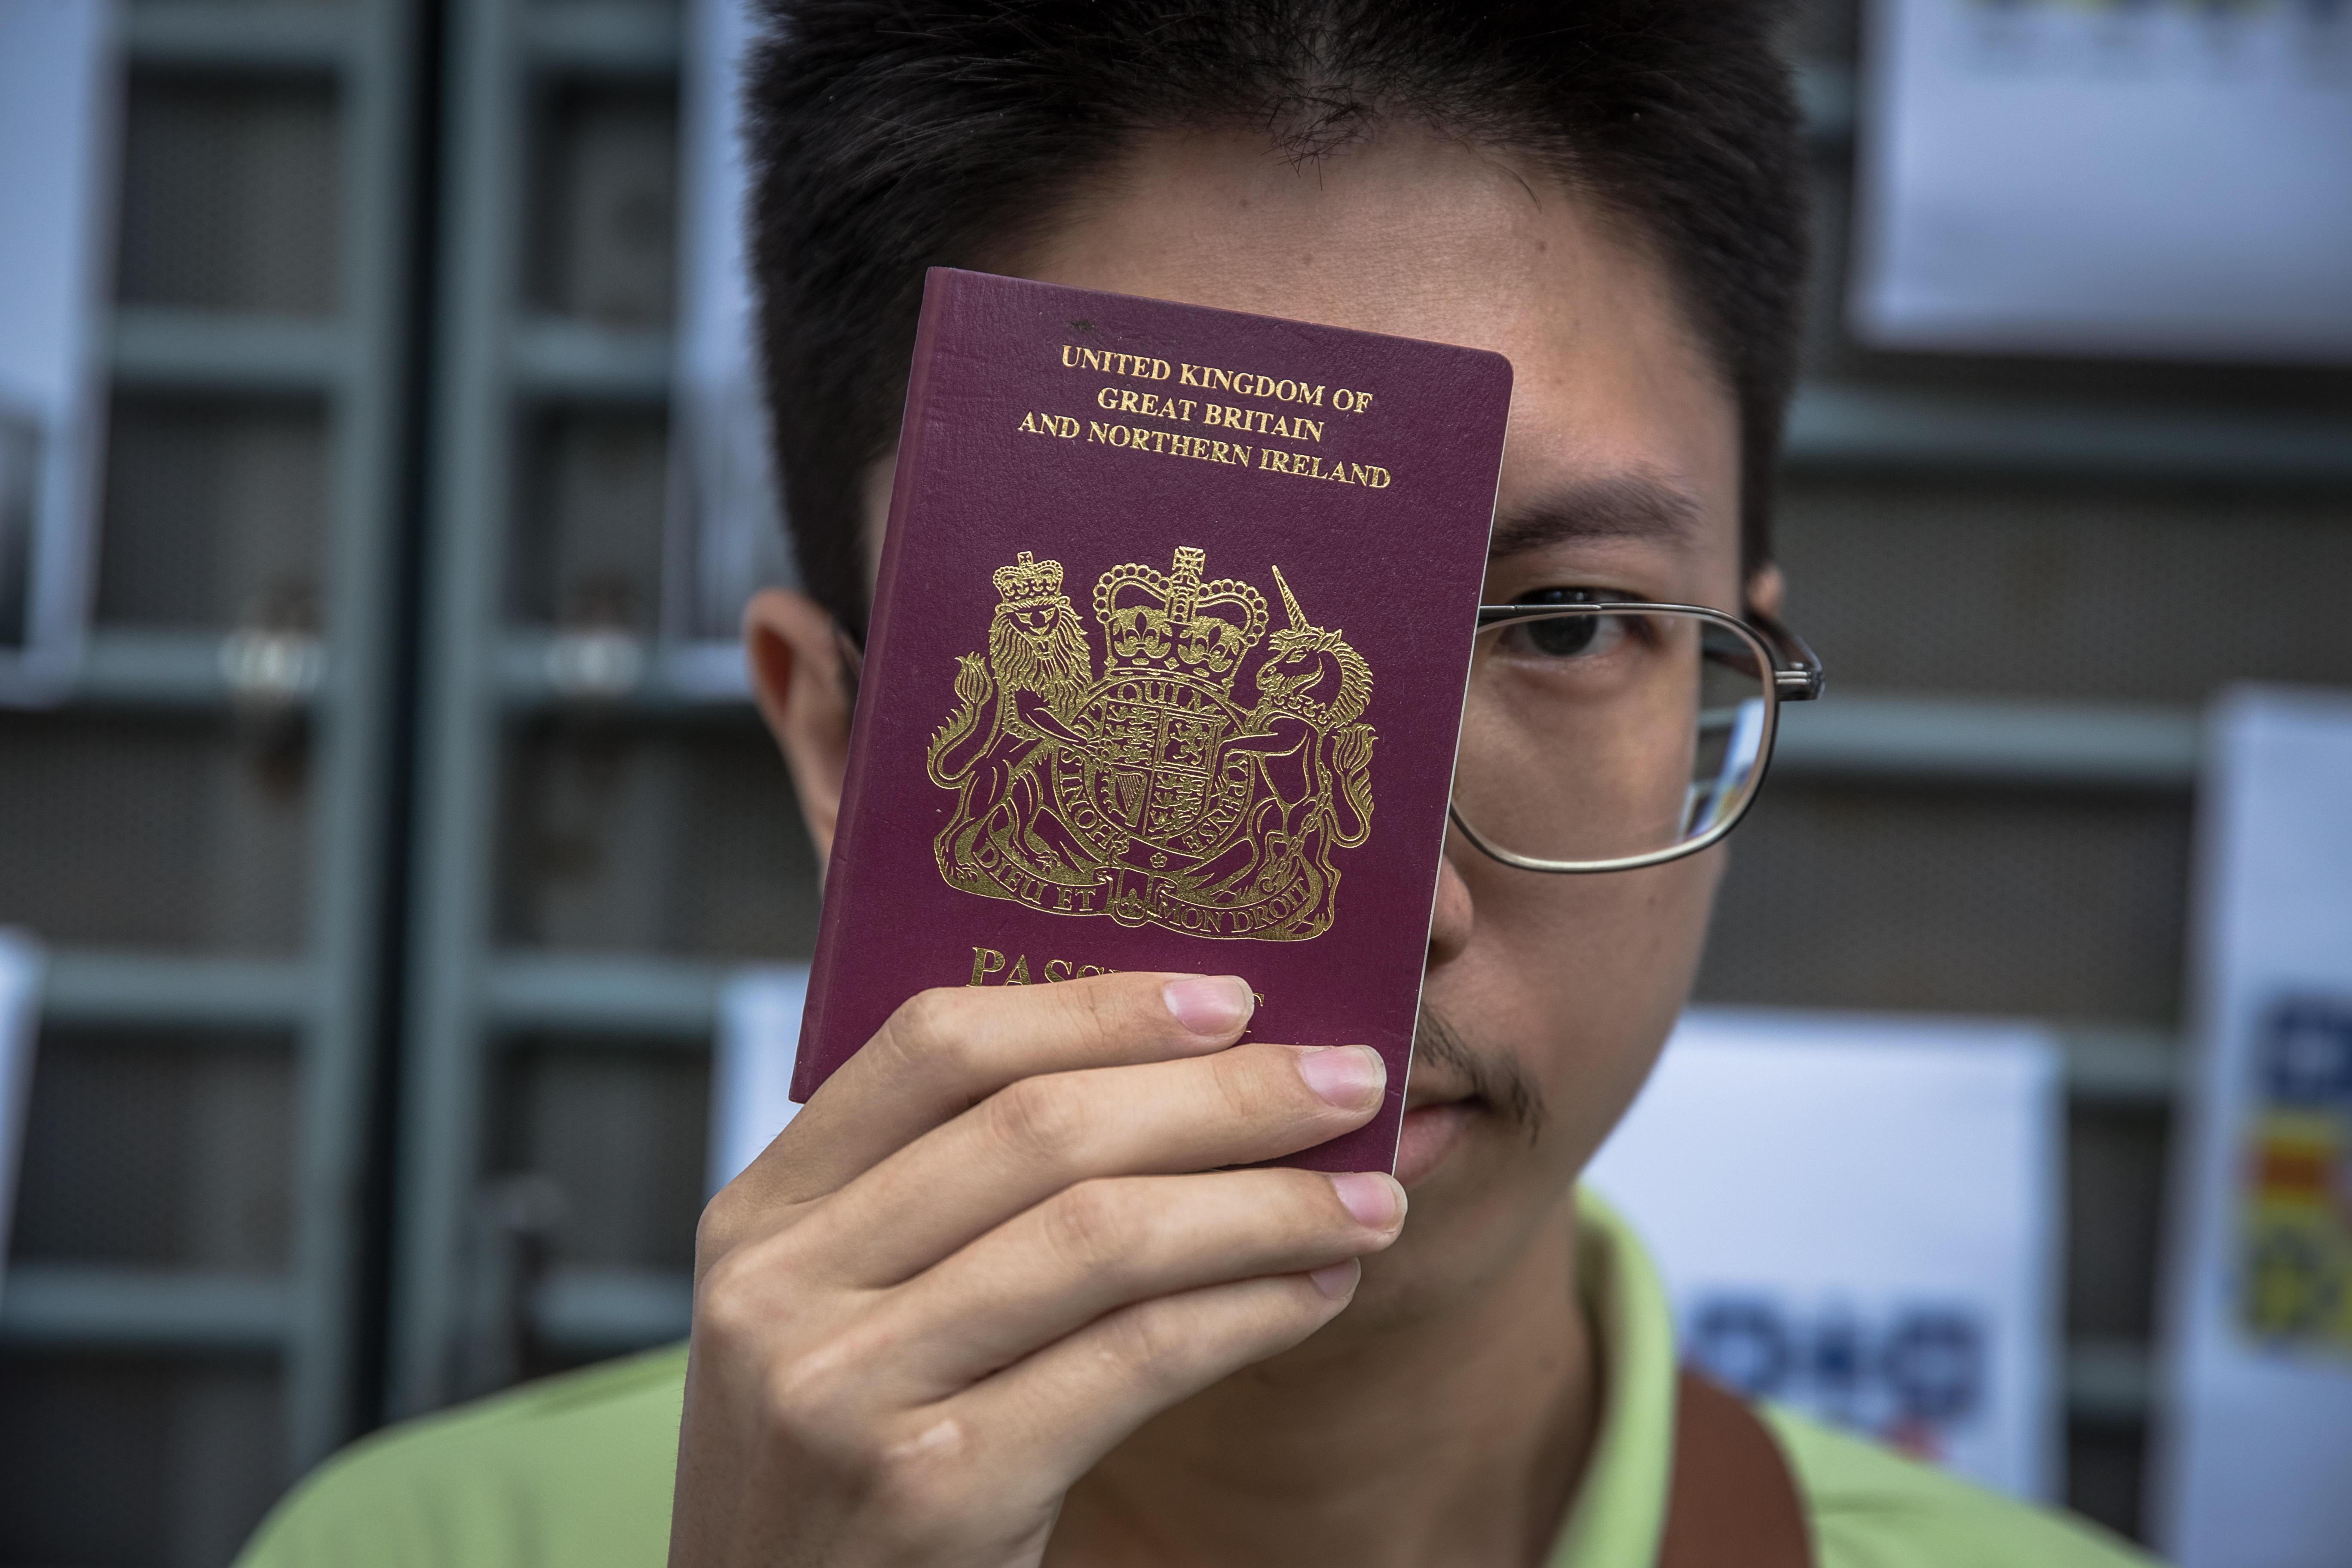 Un activista sujeta un pasaporte británico en Hong Kong.